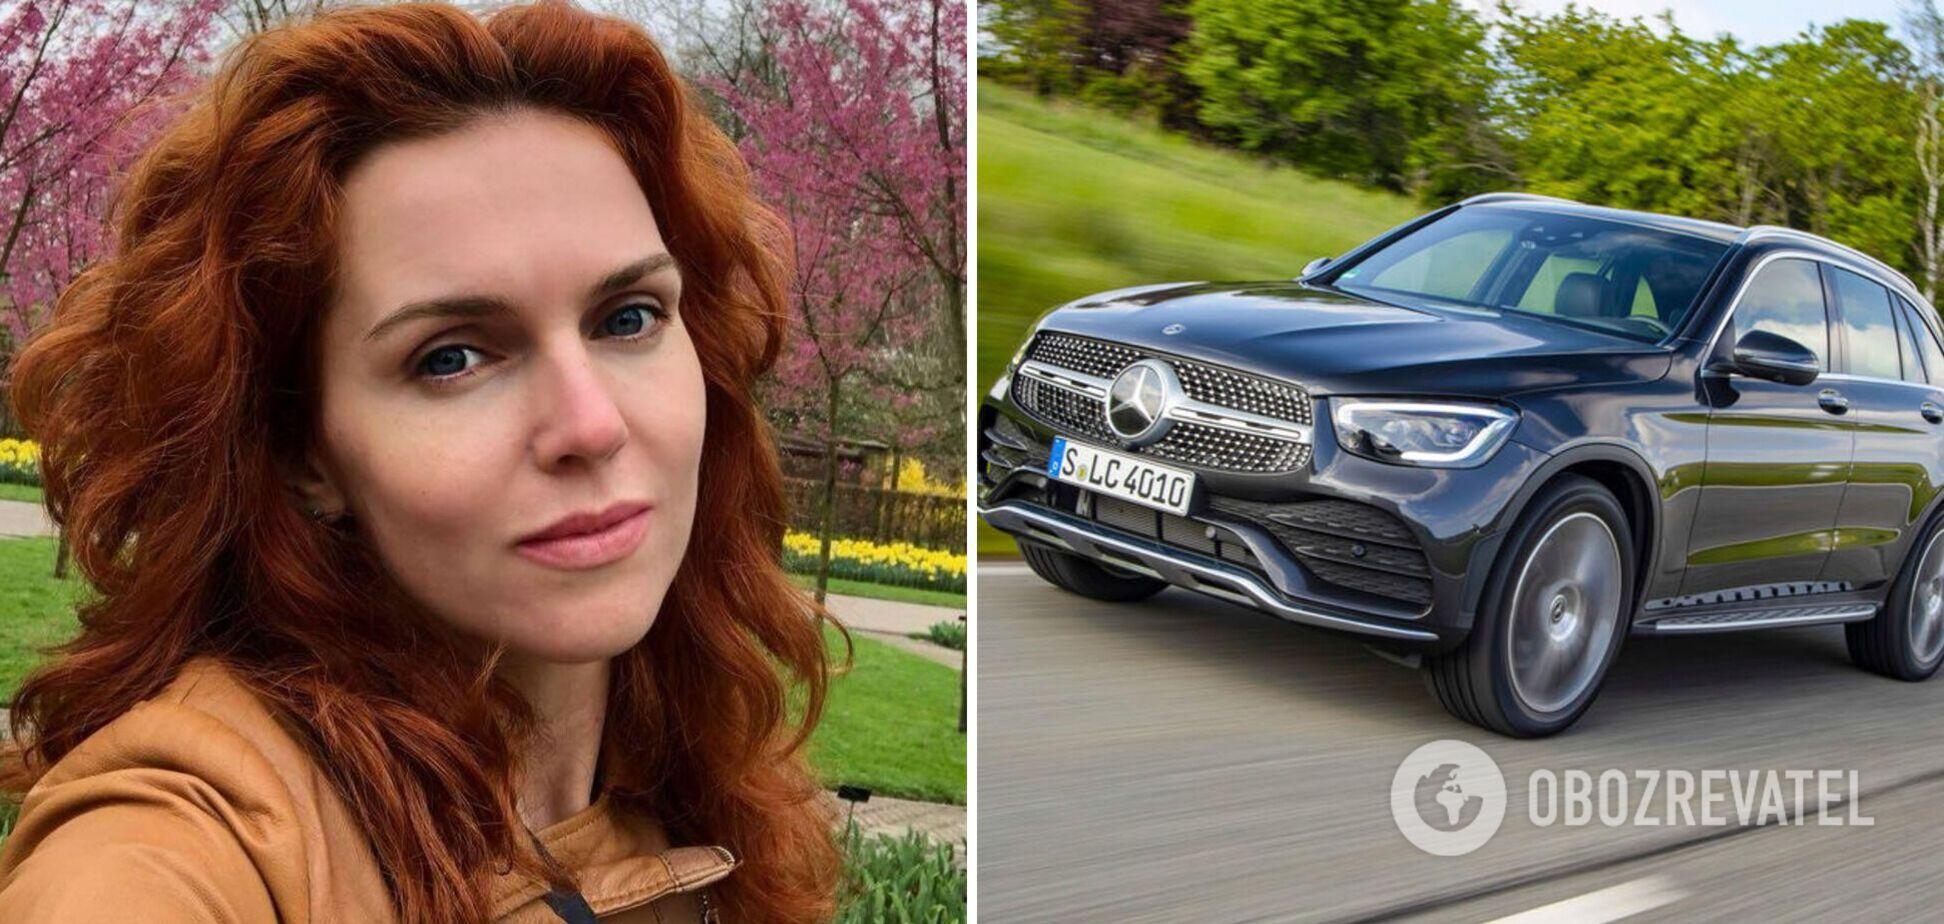 'Слуга народу' з Дніпра отримала соціальну допомогу і купила машину